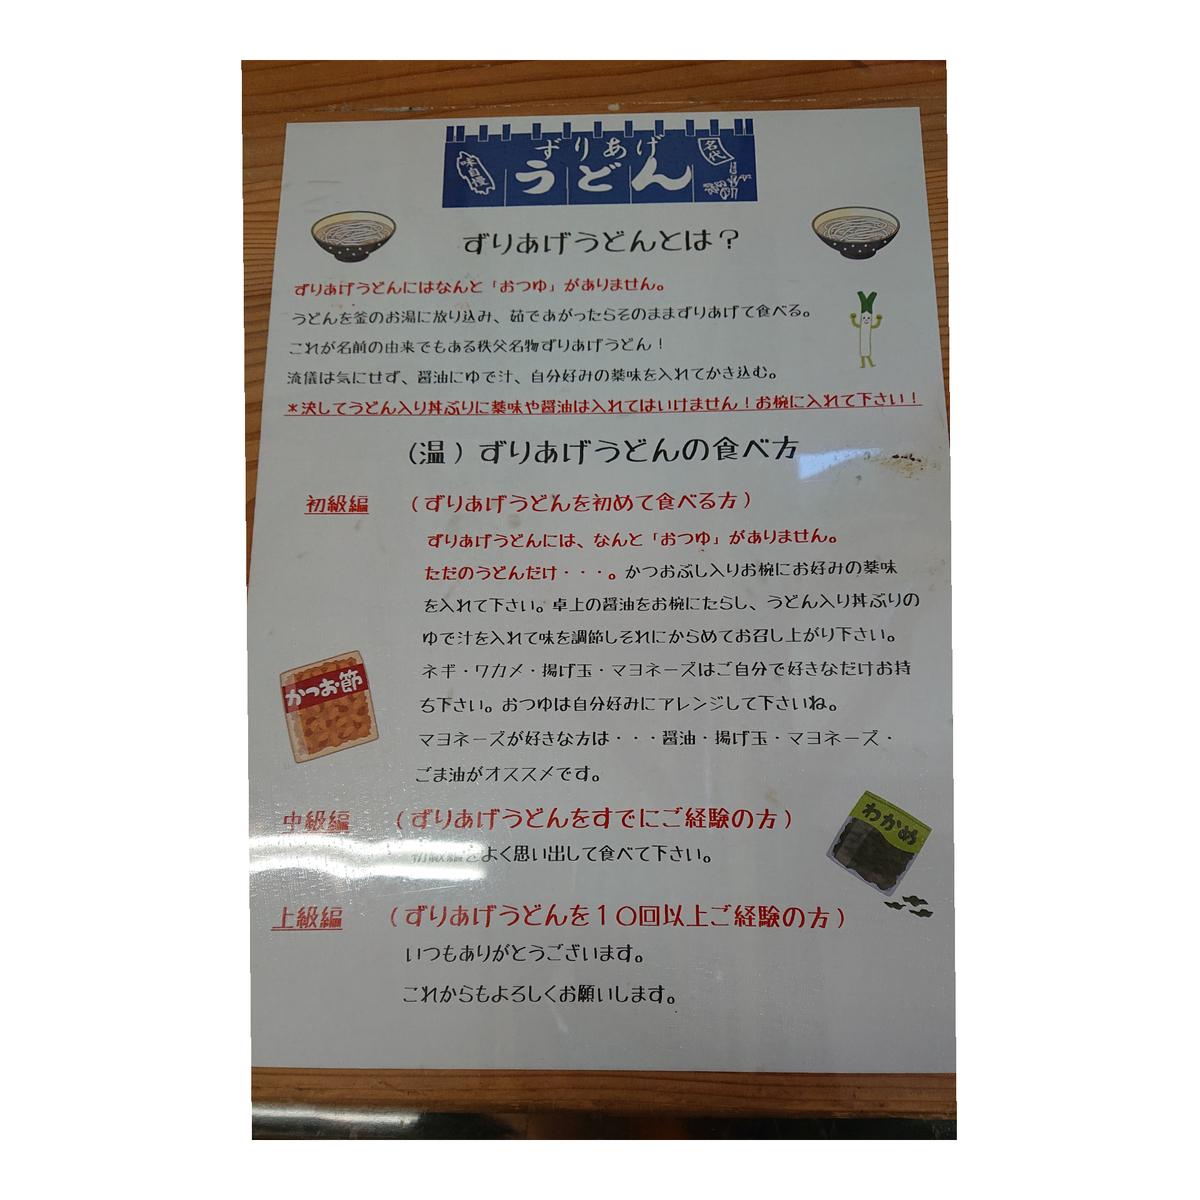 f:id:fuzuki-satuki:20200115020057j:plain